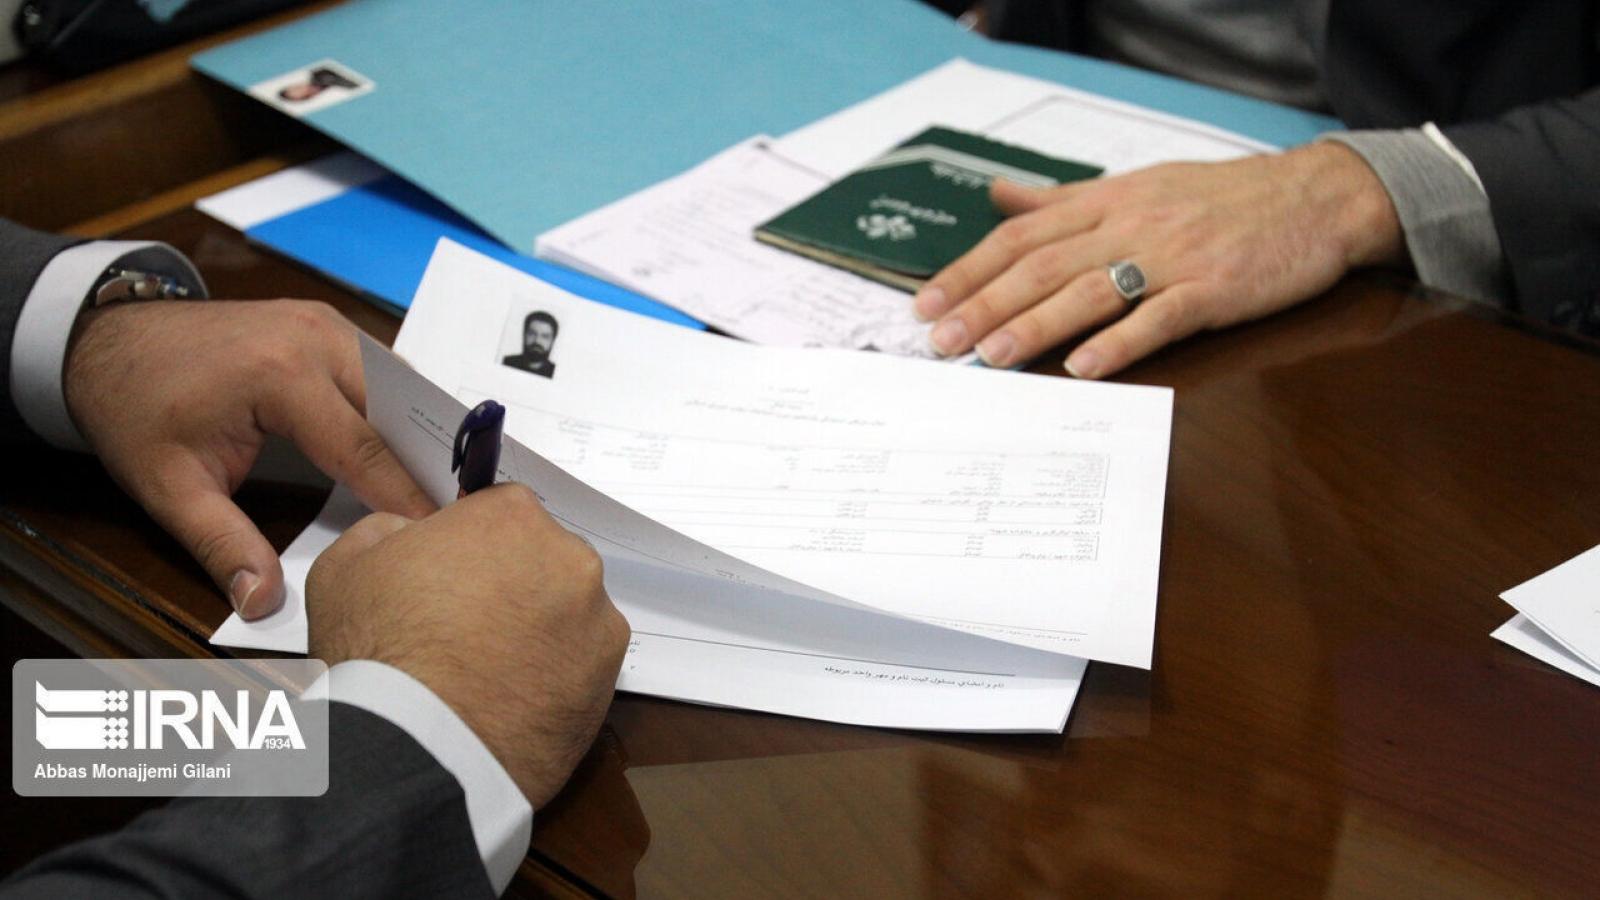 Bầu cử tổng thống Iran bước vào giai đoạn nước rút